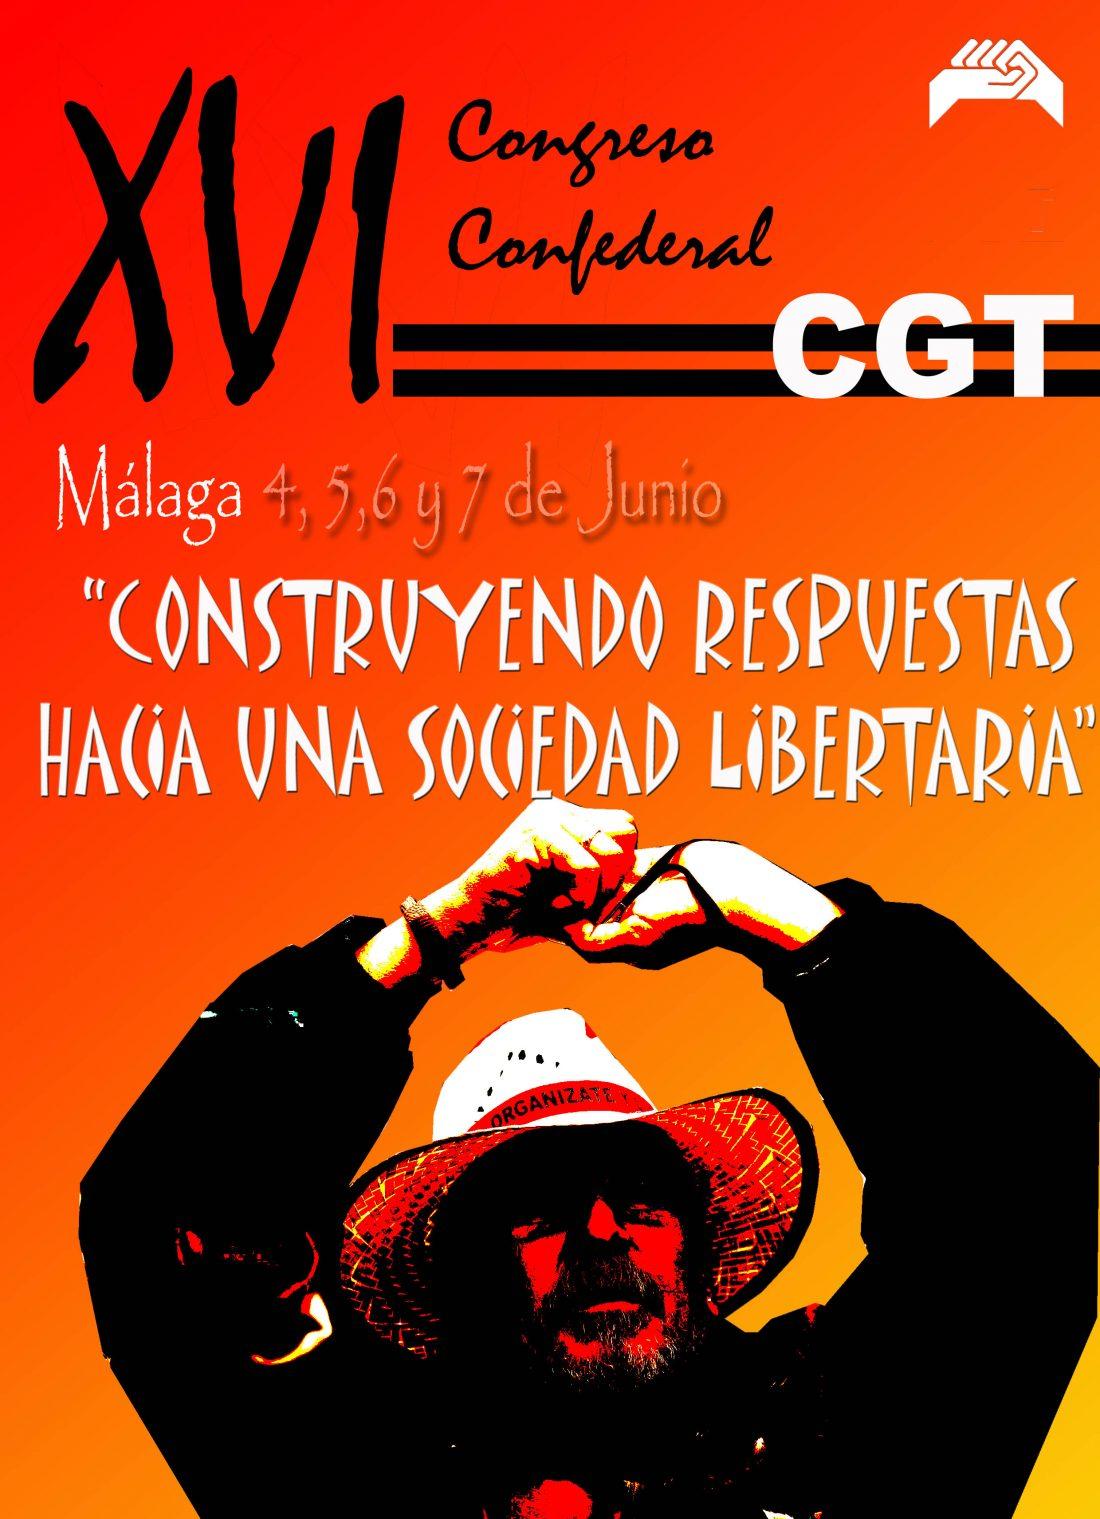 Galería propuestas cartel XVI Congreso